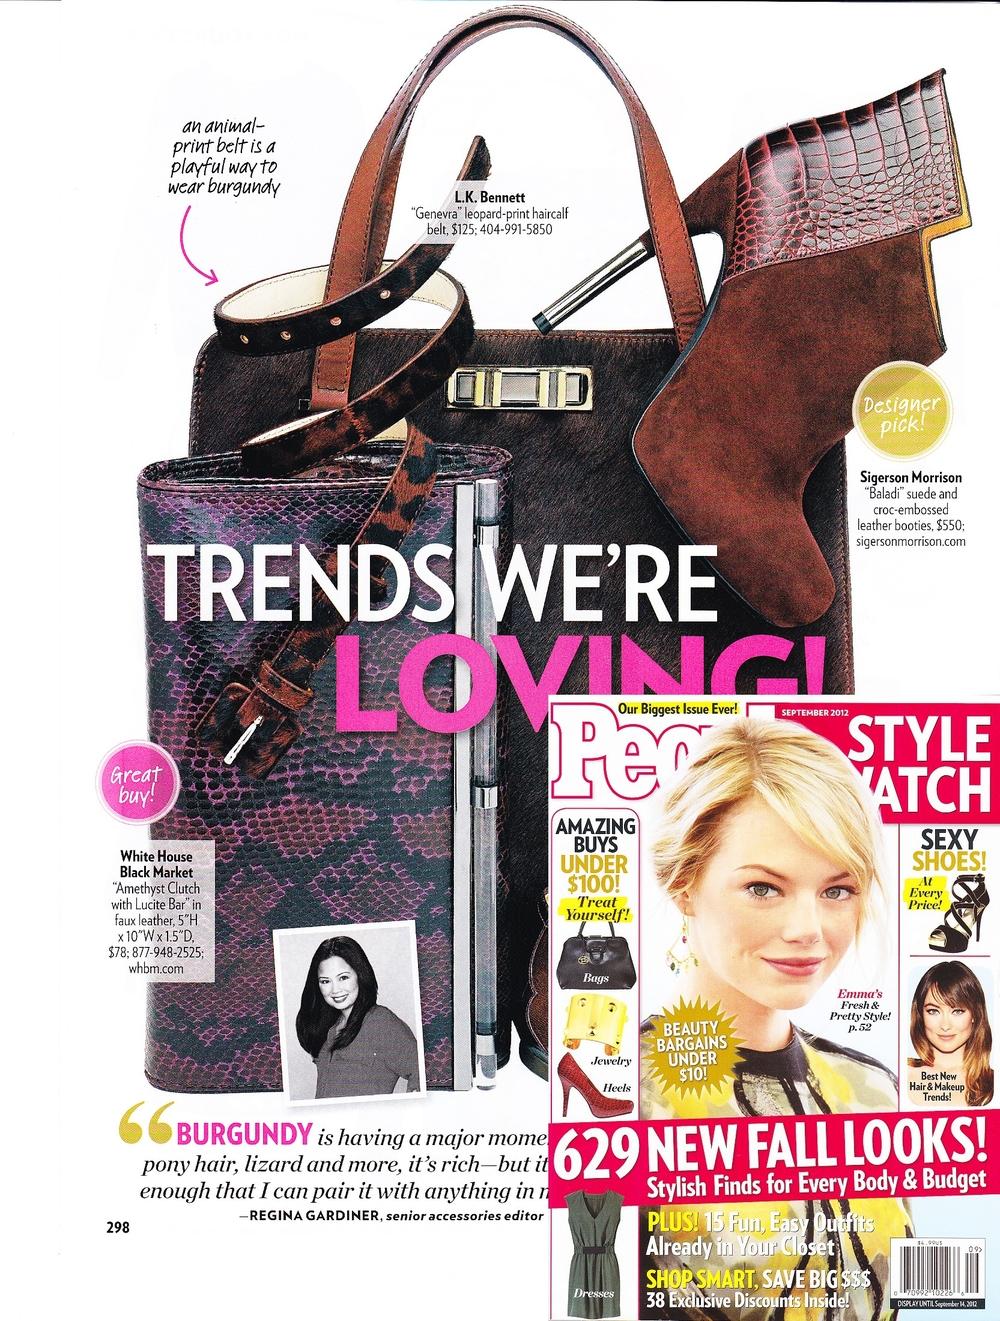 PEOPLE STYLEWATCH - SEPTEMBER 2012 -  Trends We're Loving pg298-1.jpg